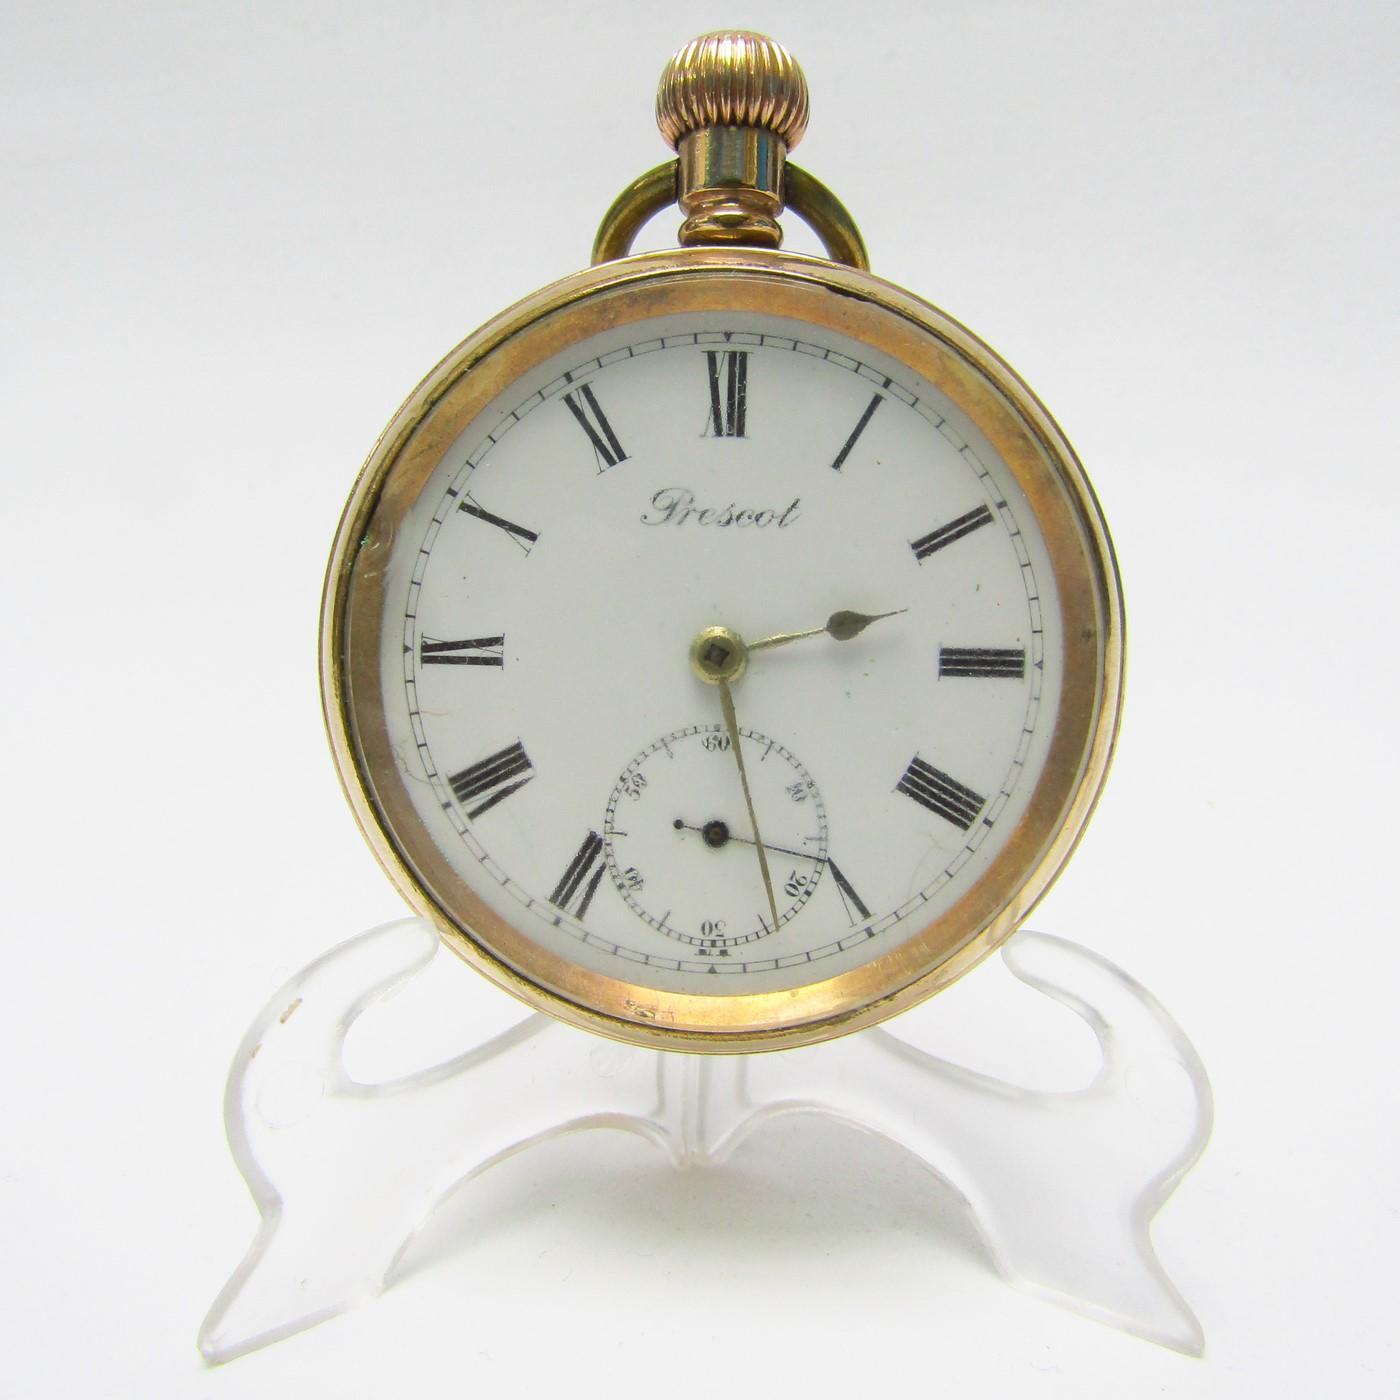 Prescot. Reloj de bolsillo, lepine y remontoir. Ca. 1900